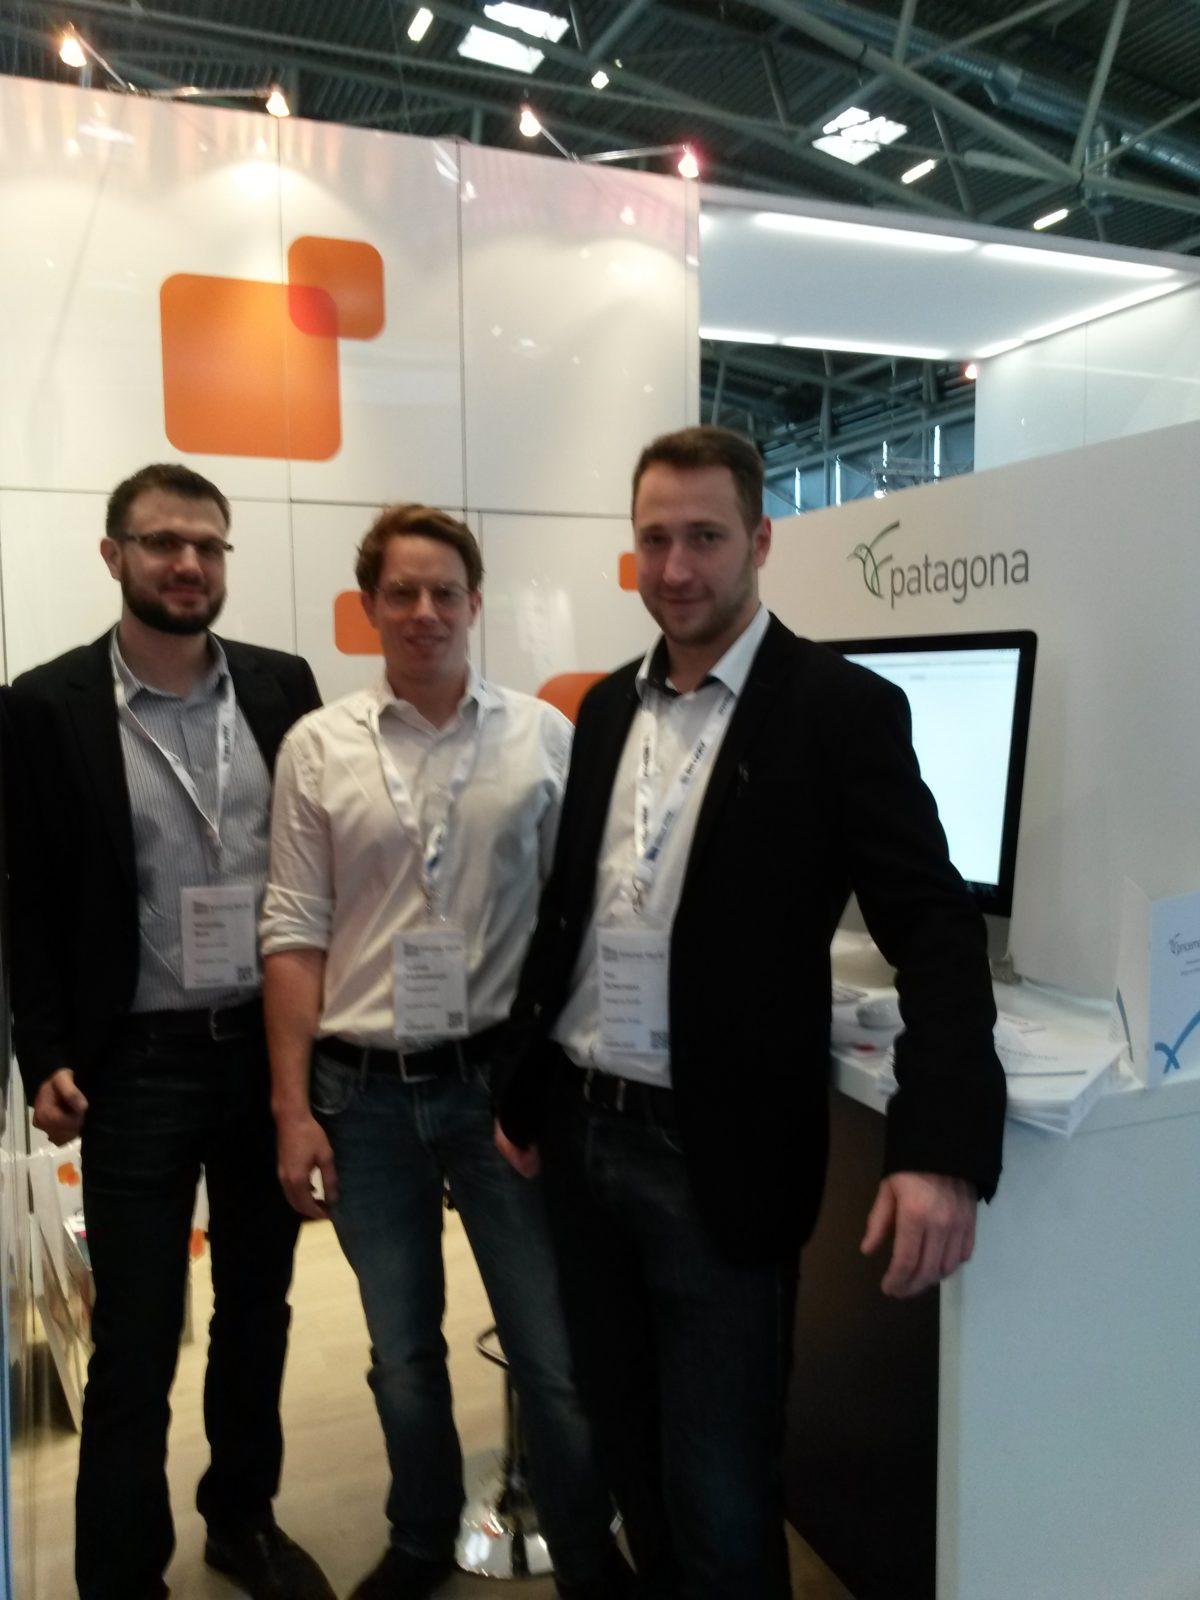 Patagona Internet World München